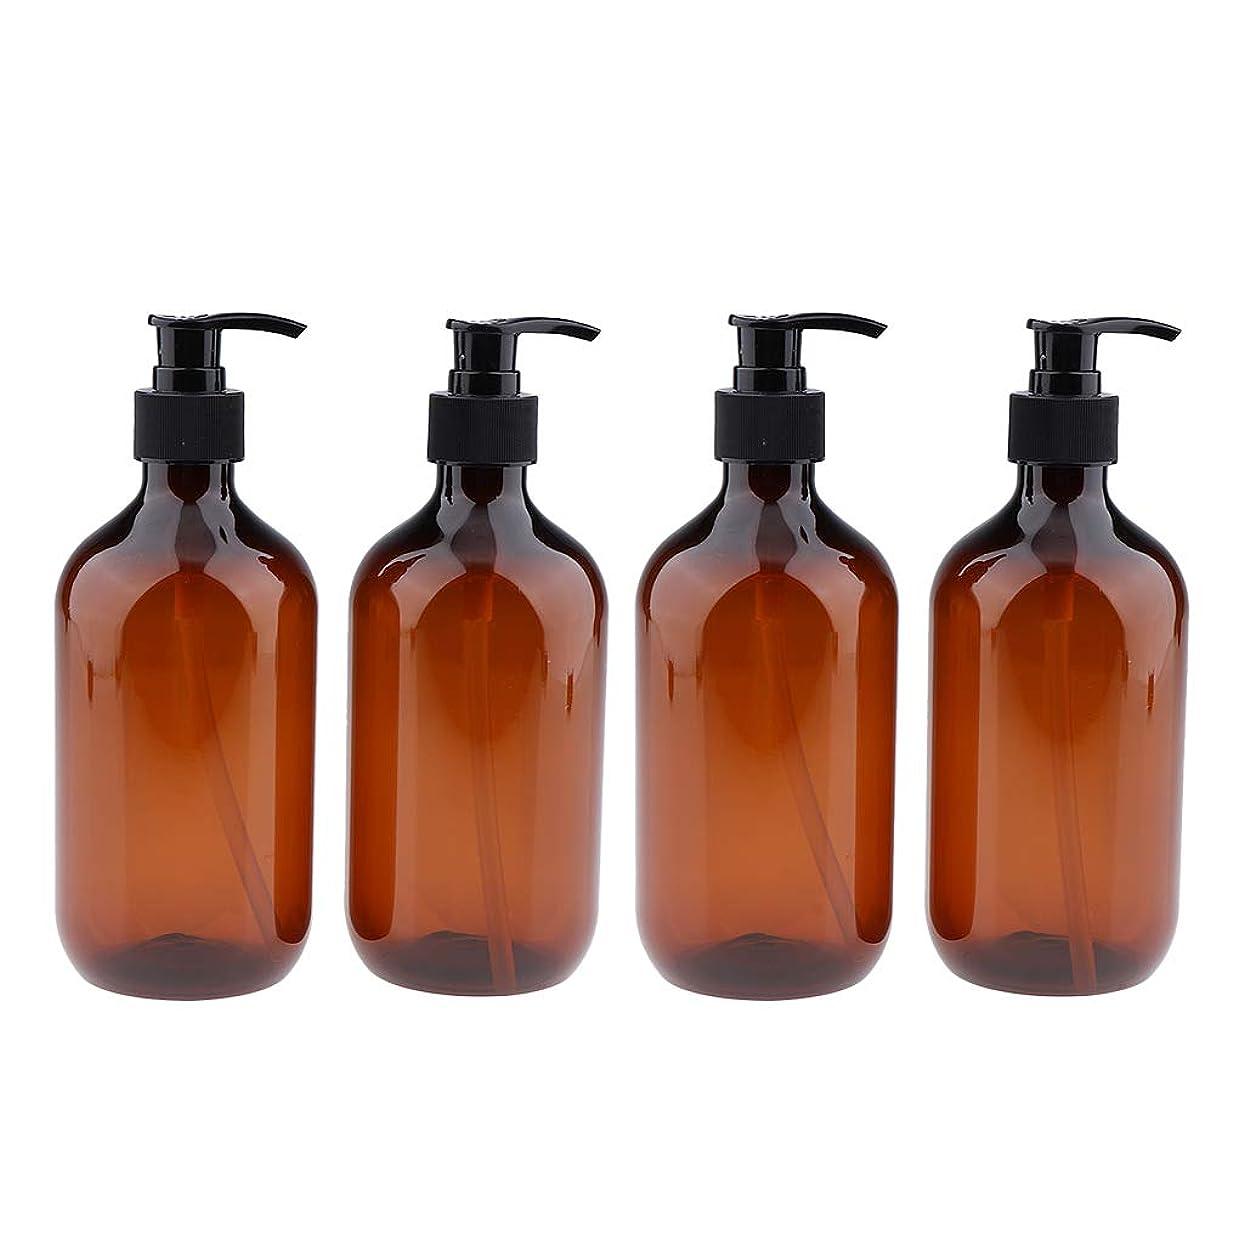 場合一月美容師B Blesiya 4個 シャンプーボトル ポンプボトル 500ml